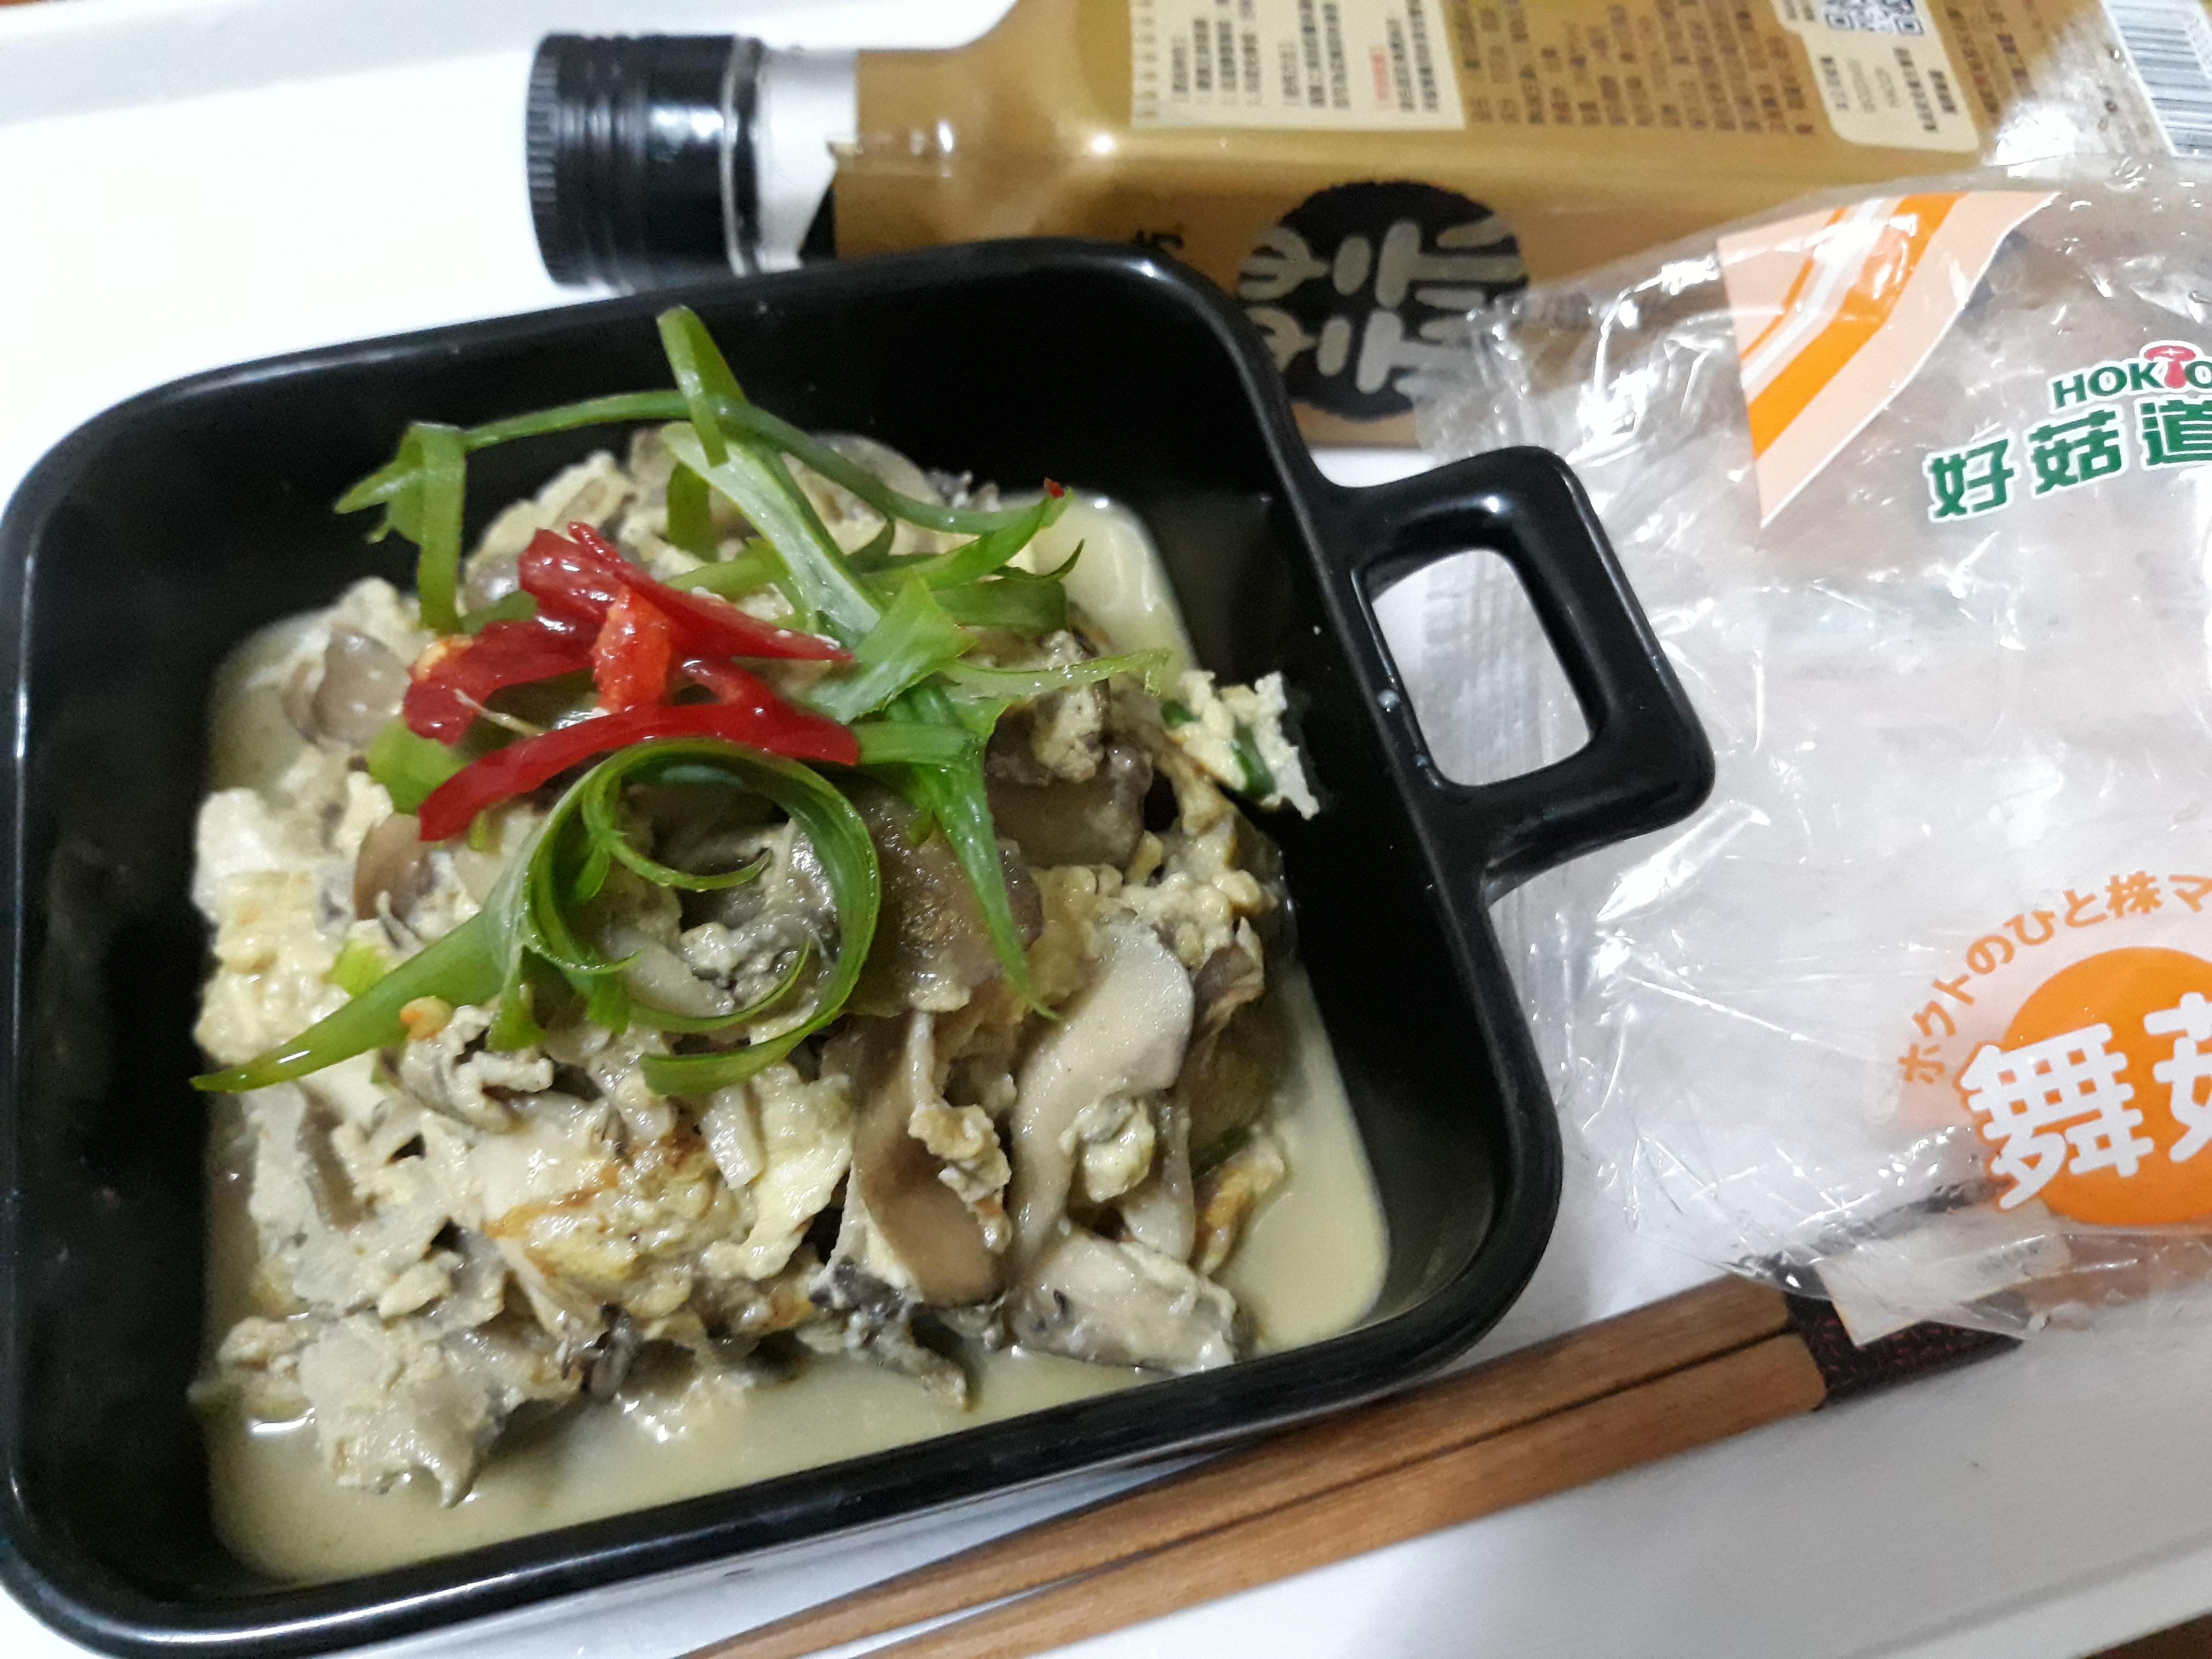 5分鐘香煎舞菇蔥花蛋【好菇道營養料理】